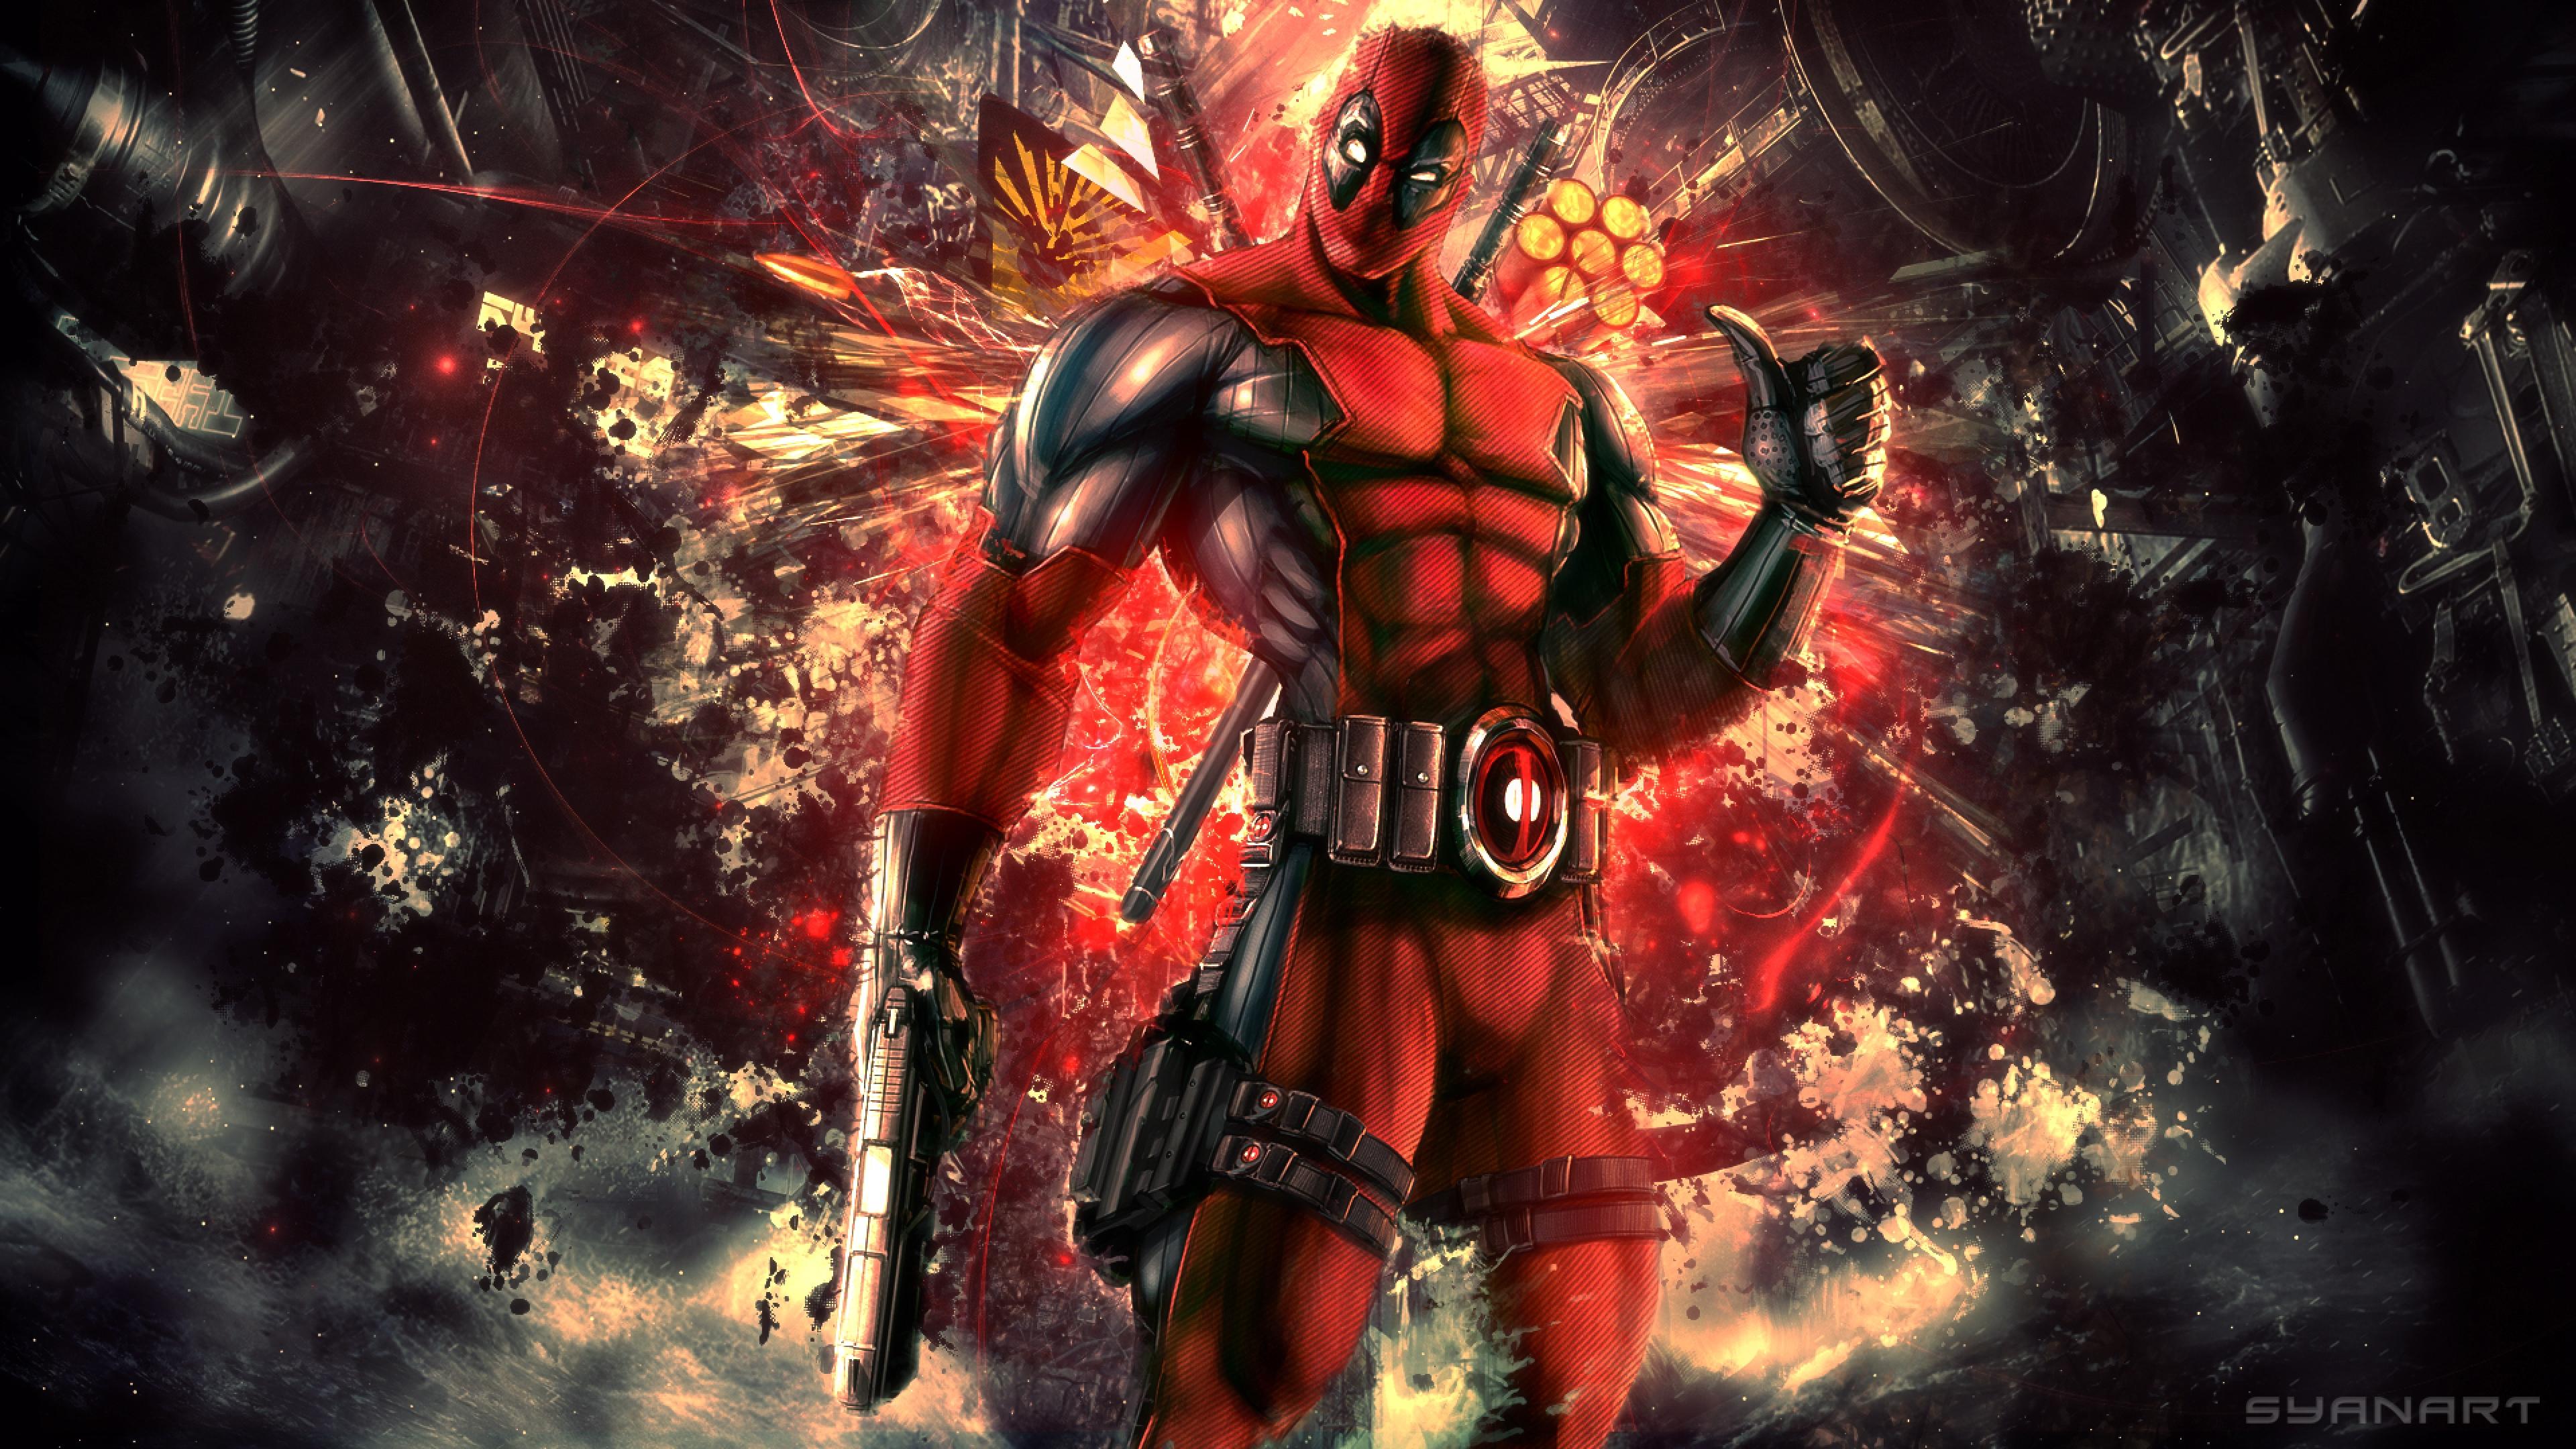 Deadpool Marvel Comics Avenger Background Hd Wallpaper